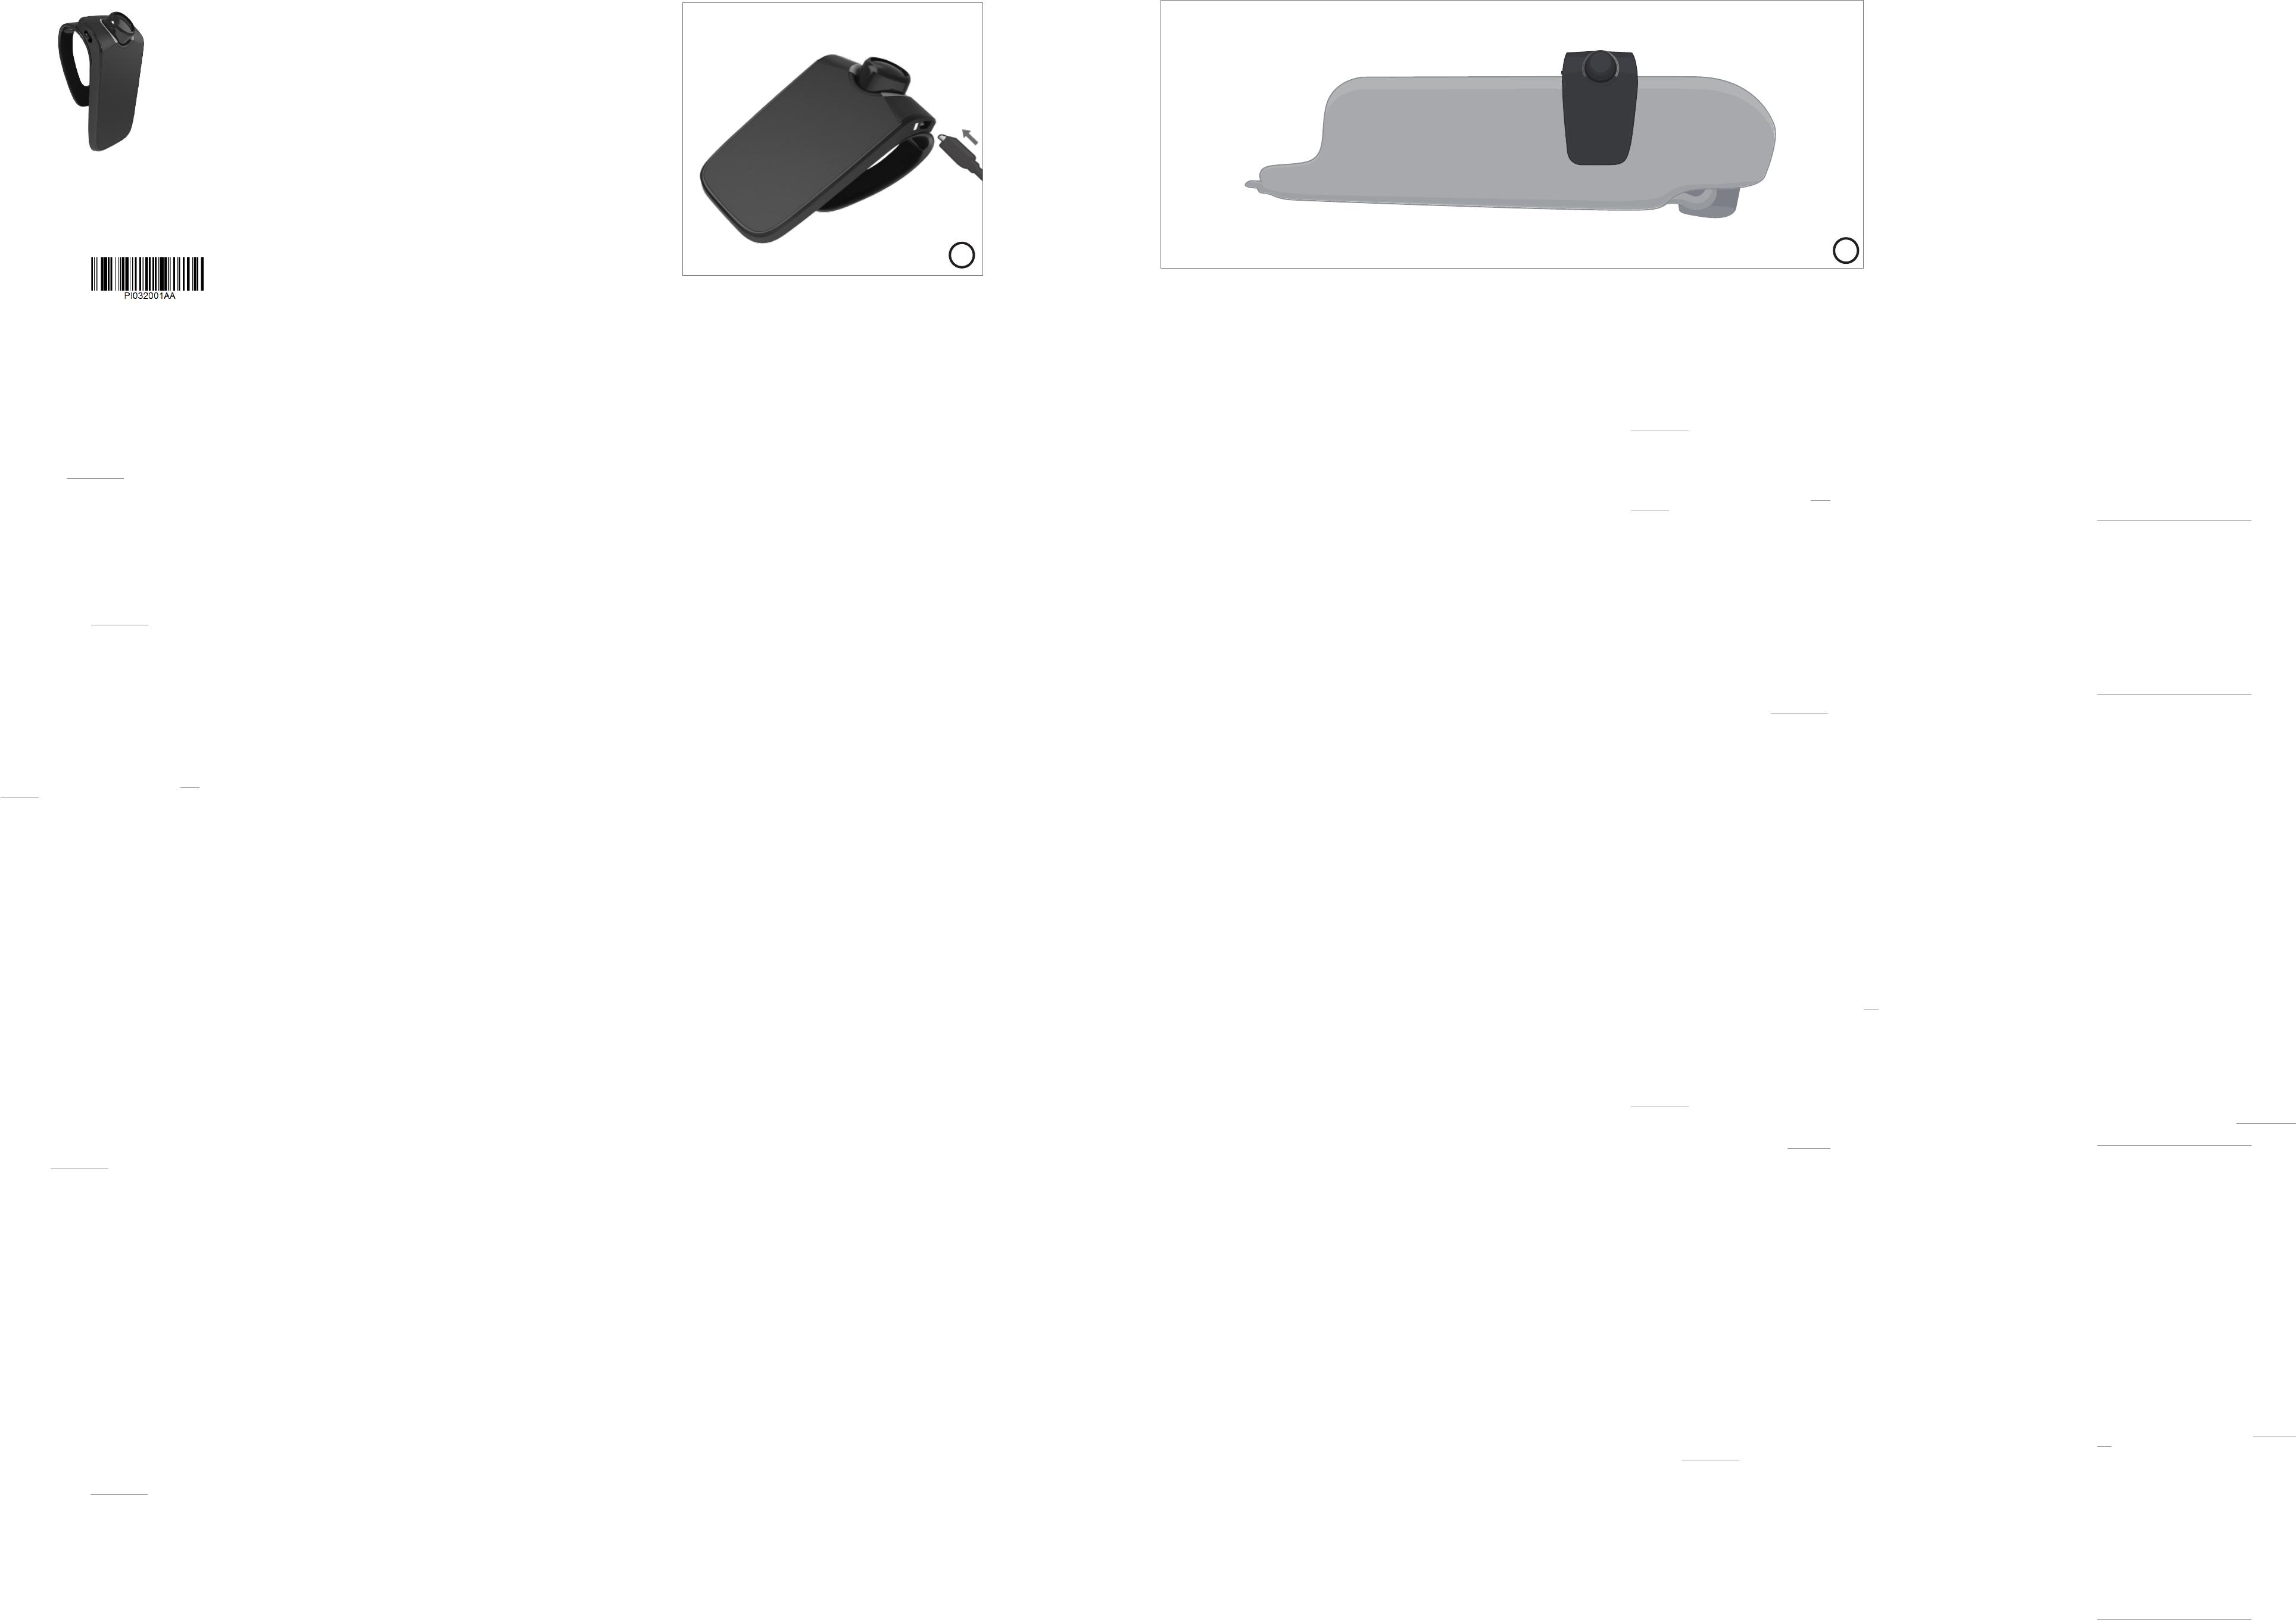 instrukcje podłączania ooma